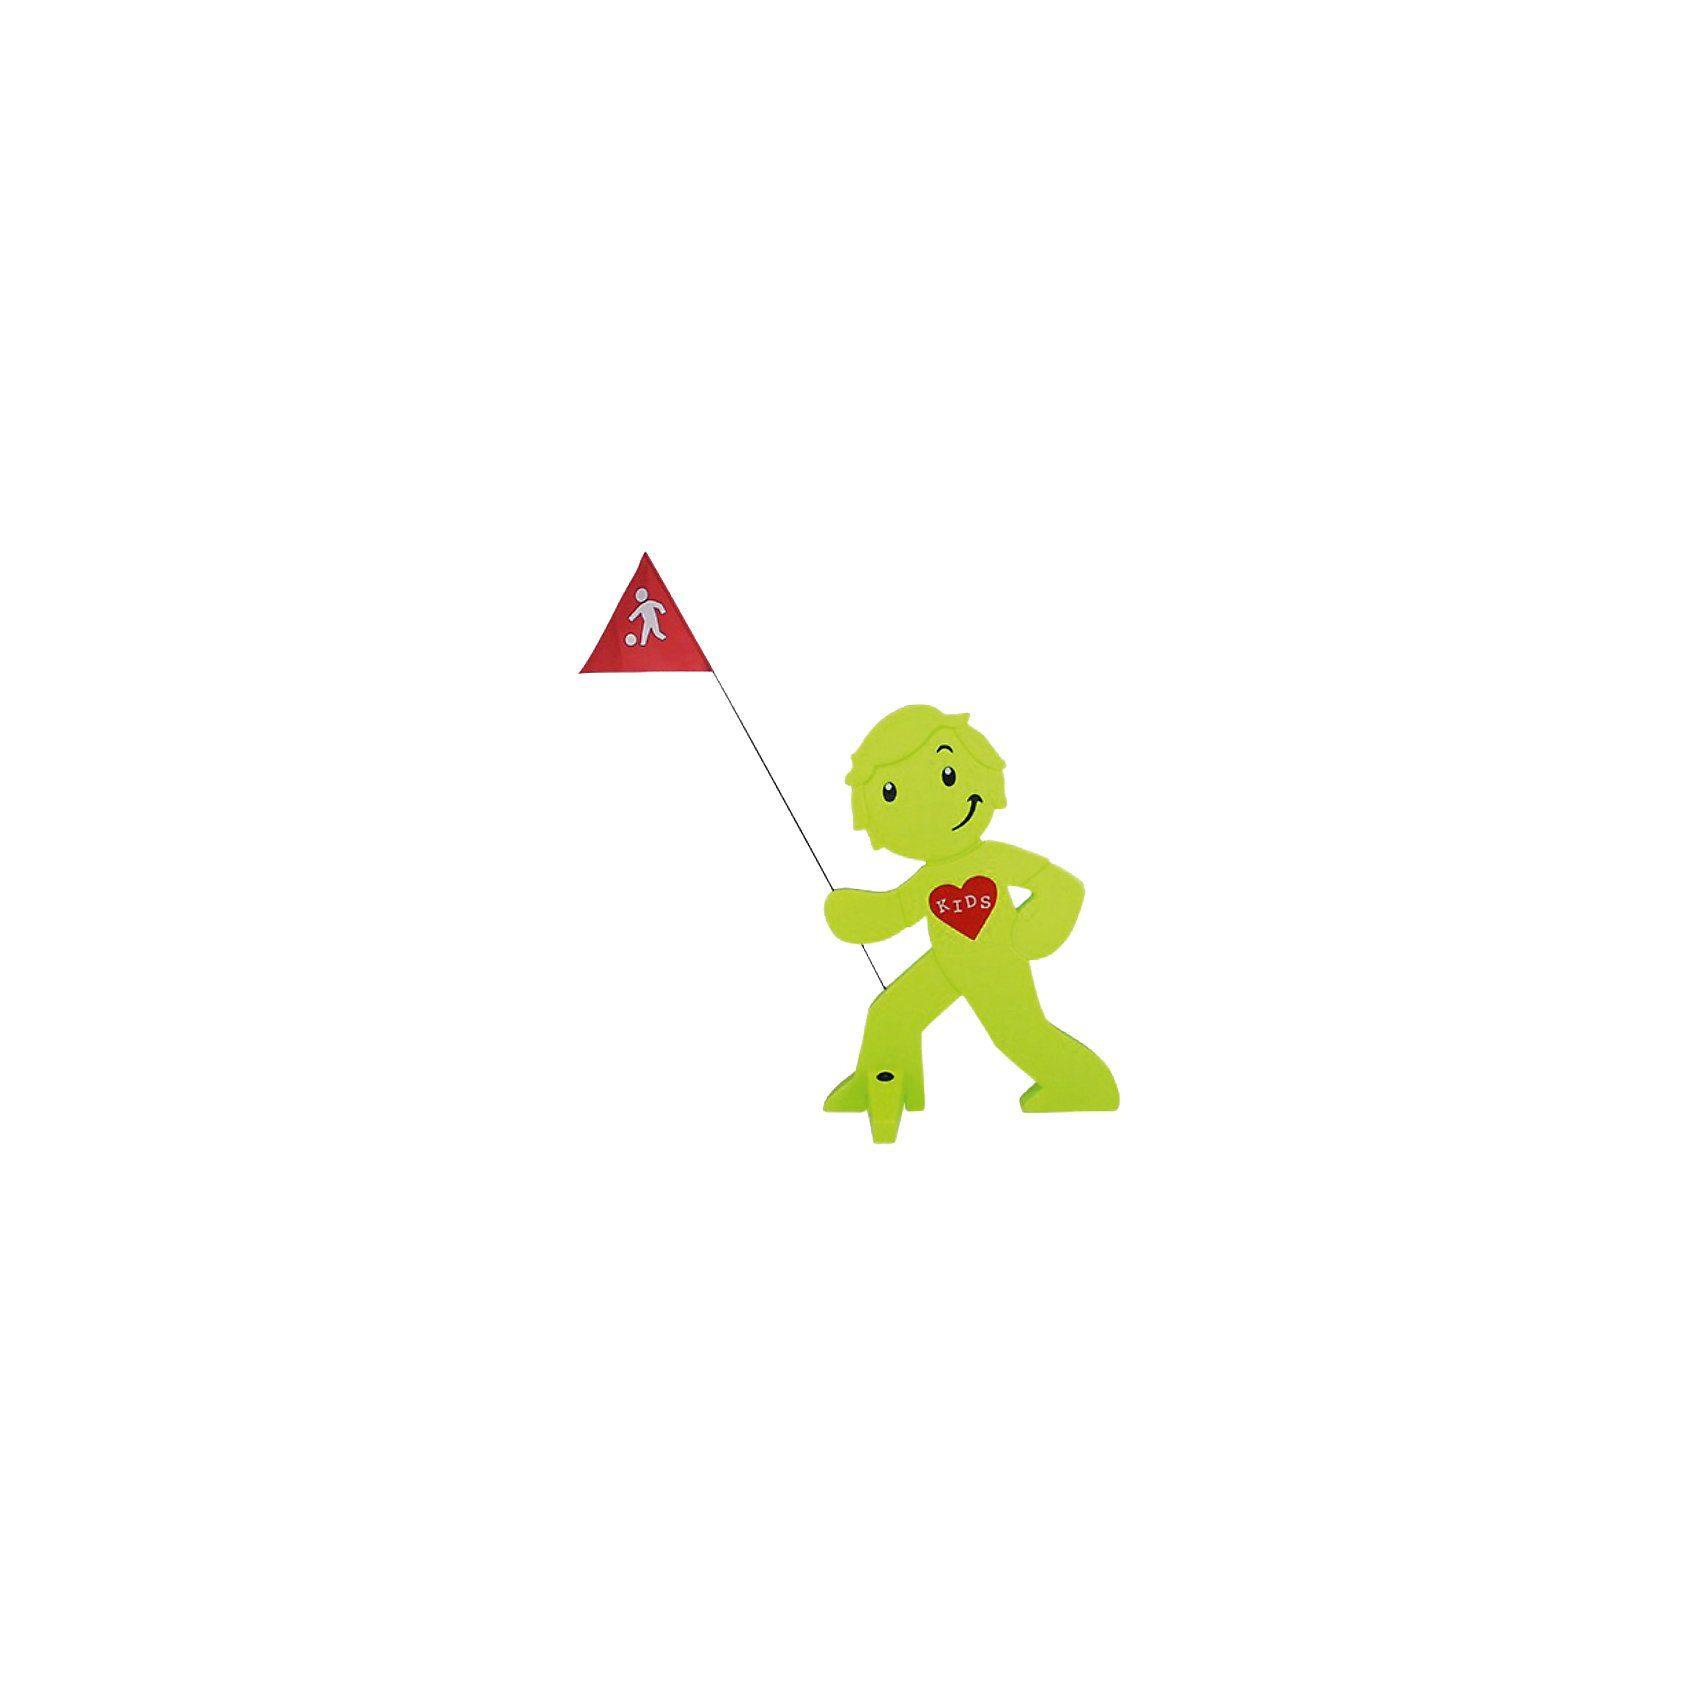 Beachtrekker StreetBuddy Warnfigur für Kindersicherheit, grün